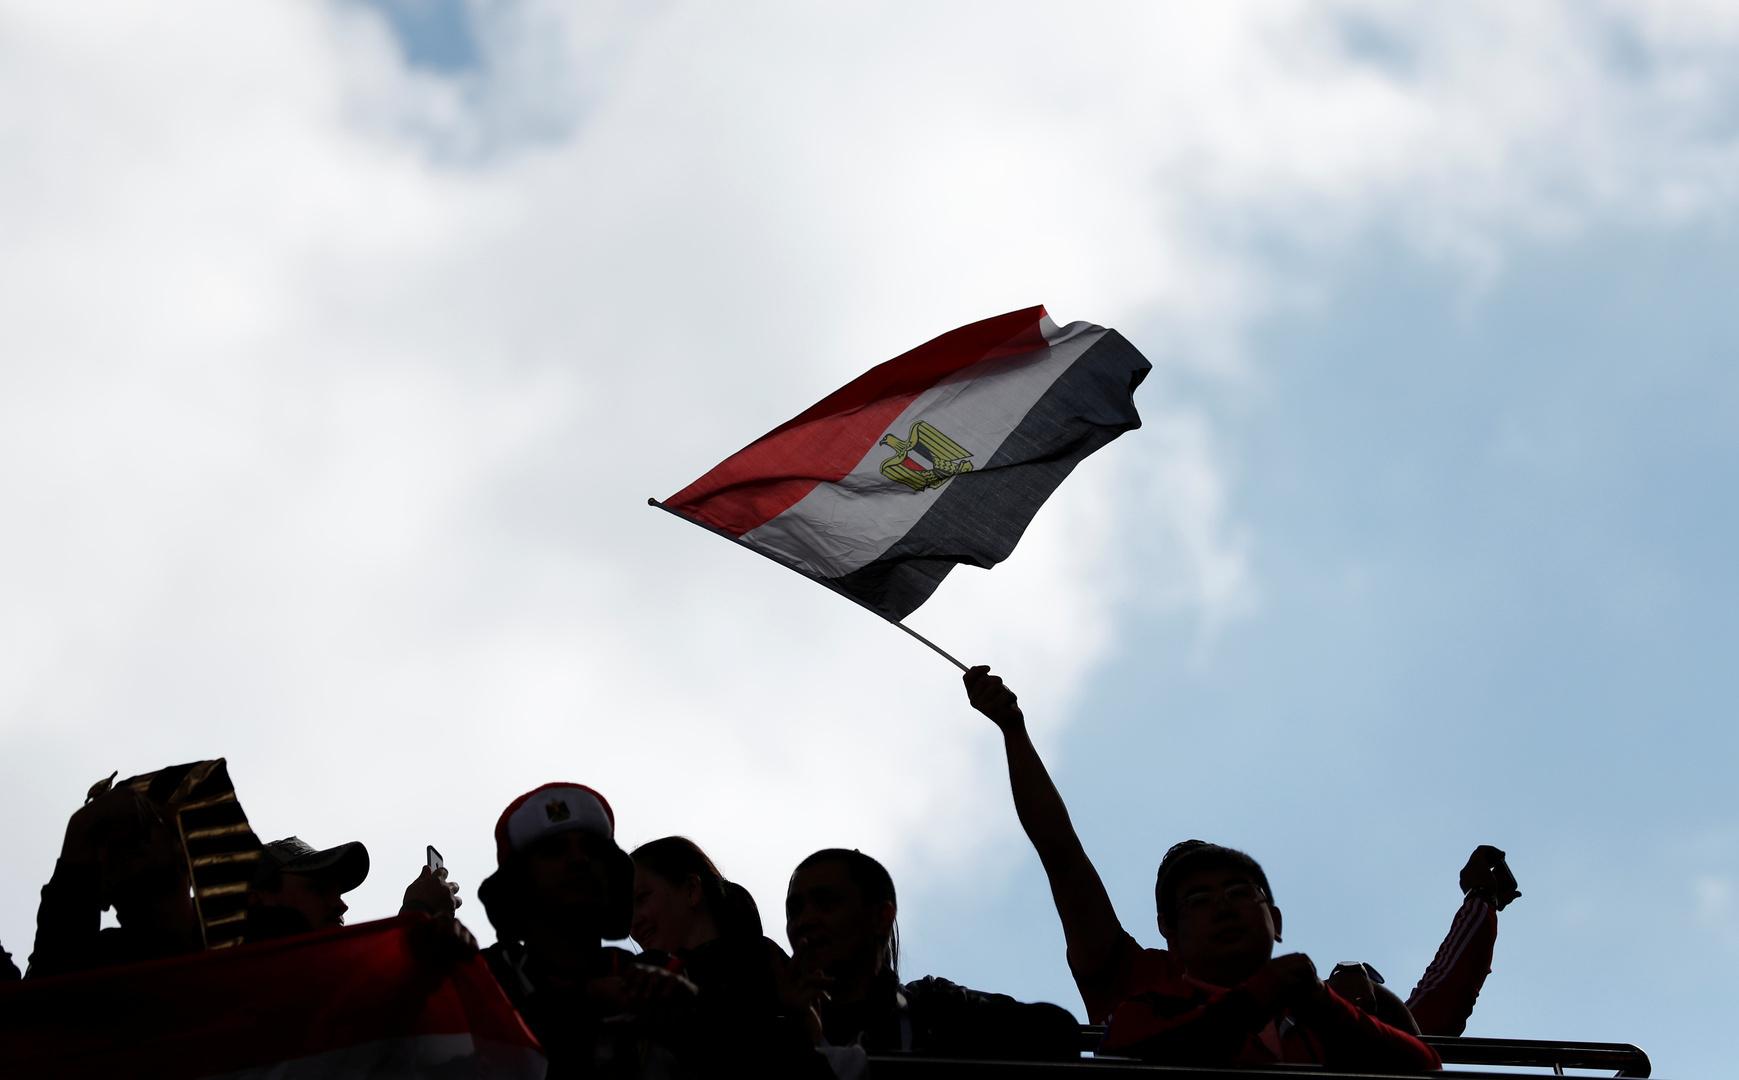 احتجاز عشرات المصريين في ليبيا